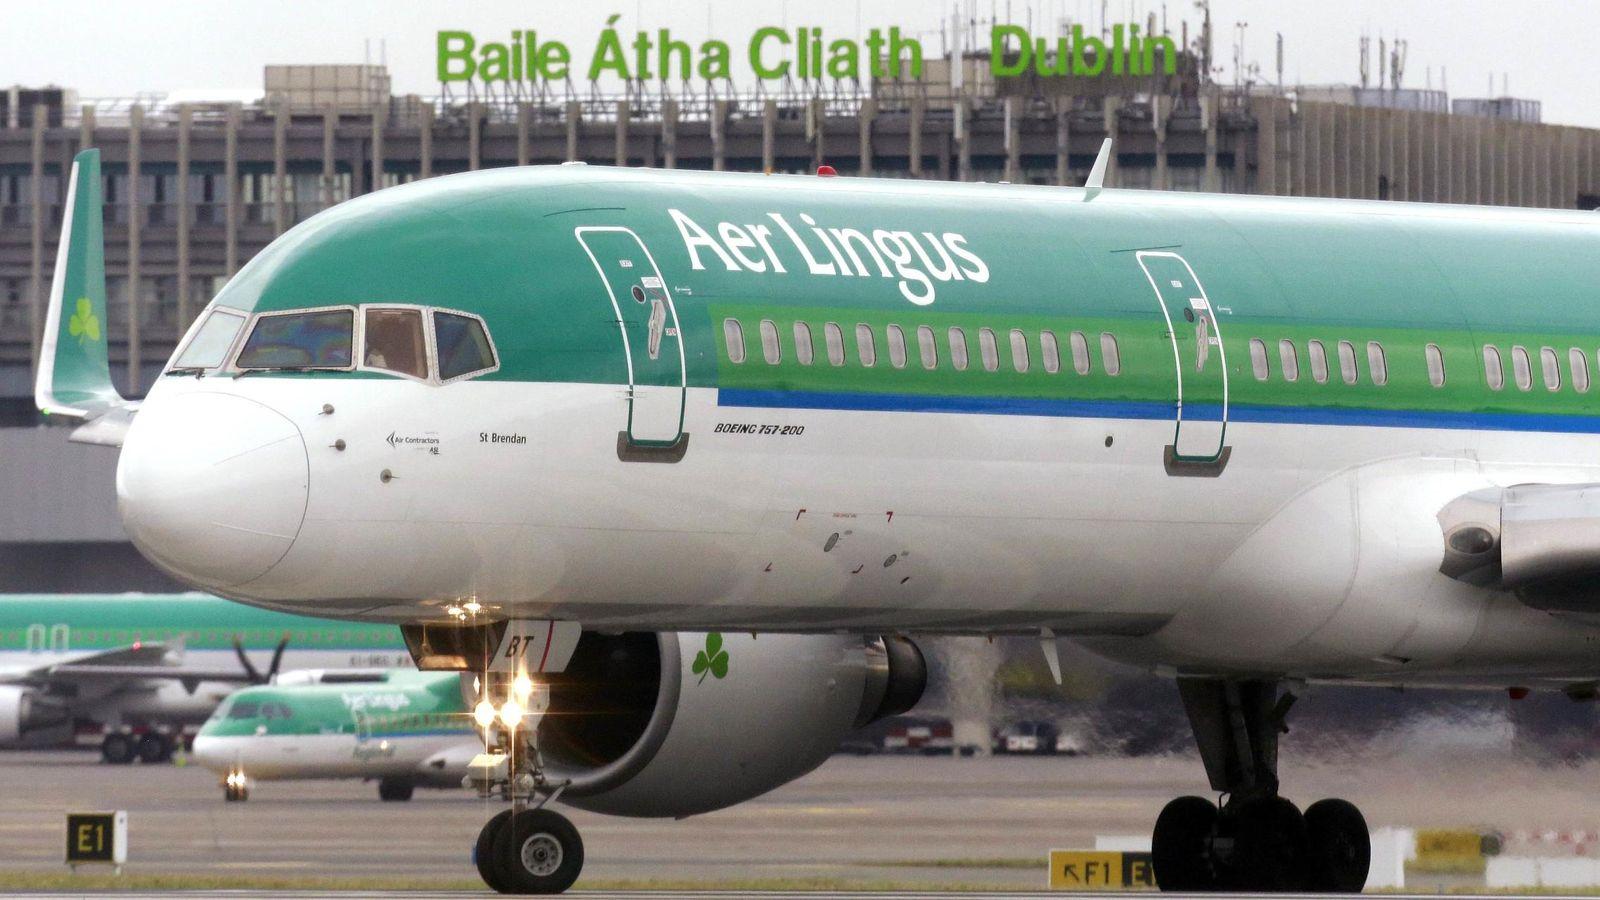 Foto: Imagen de archivo de un avion de Aer Lingus. (Reuters)